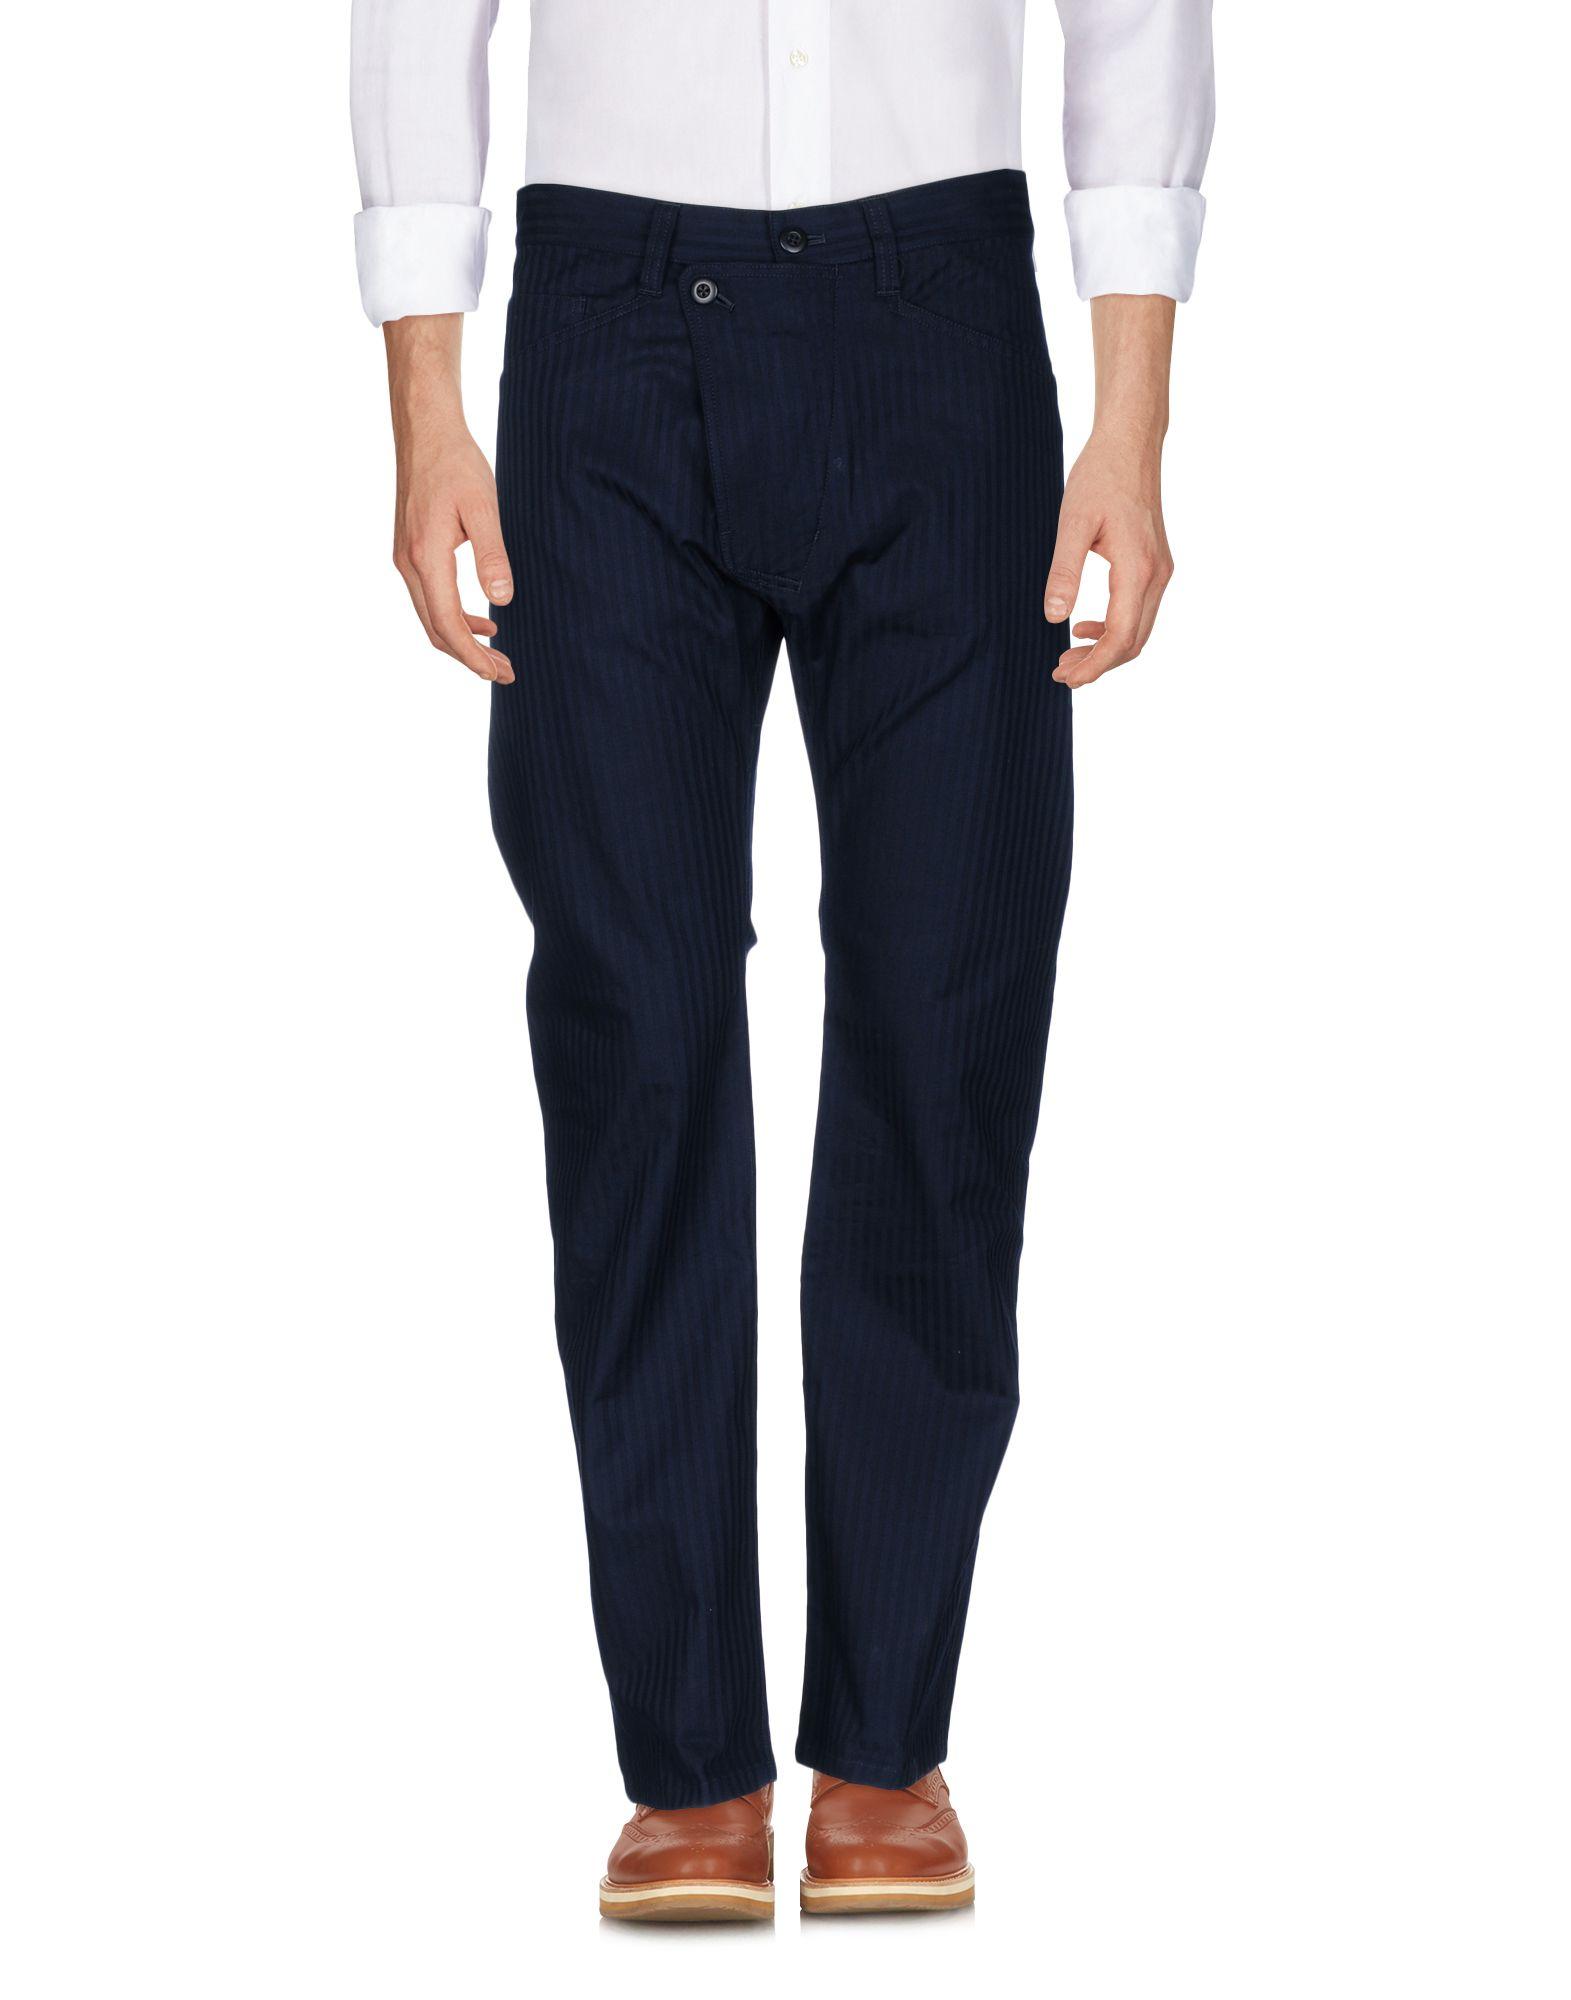 Pantalone Ts(S) Uomo - Acquista online su